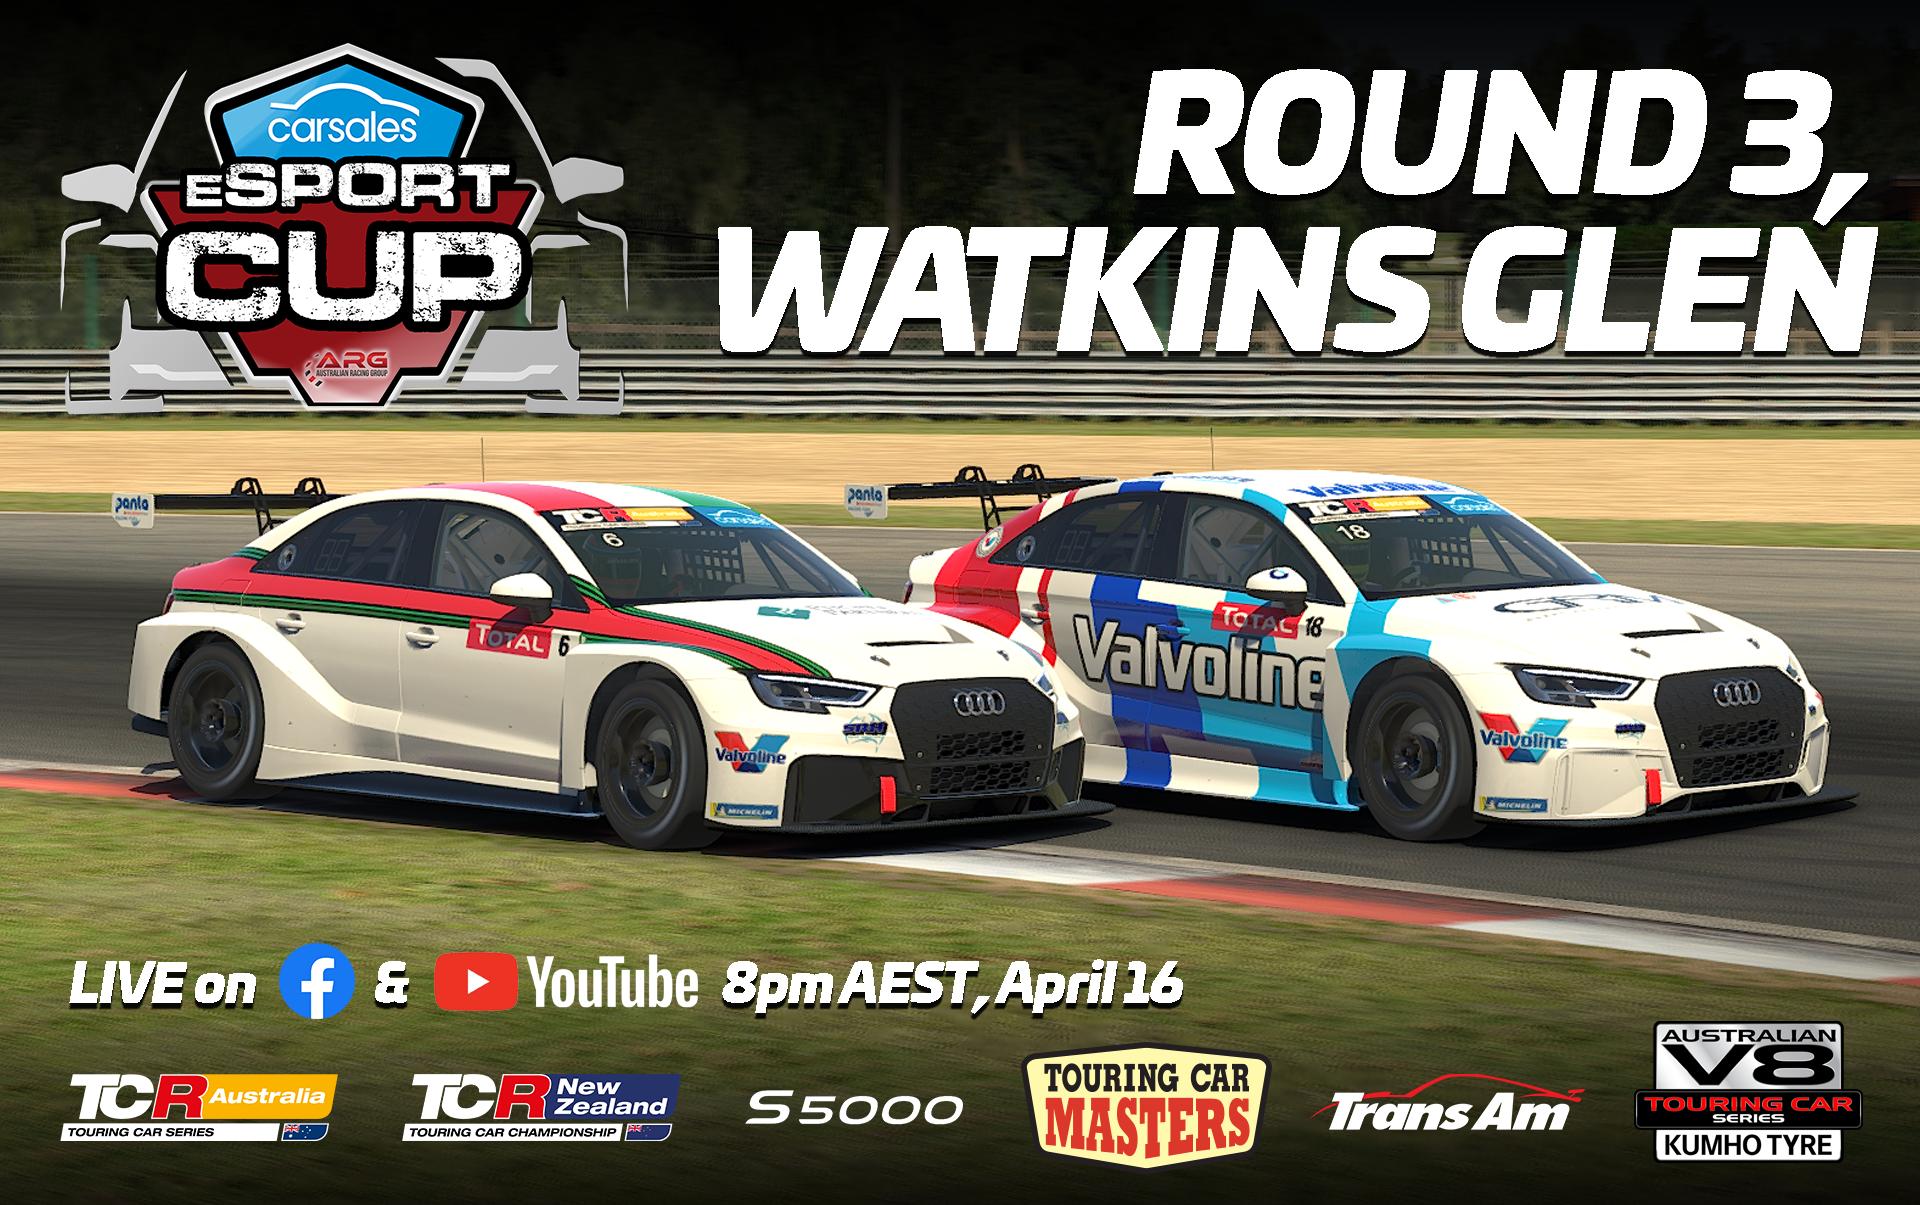 ARG Cup Round 3 – Watkins Glen